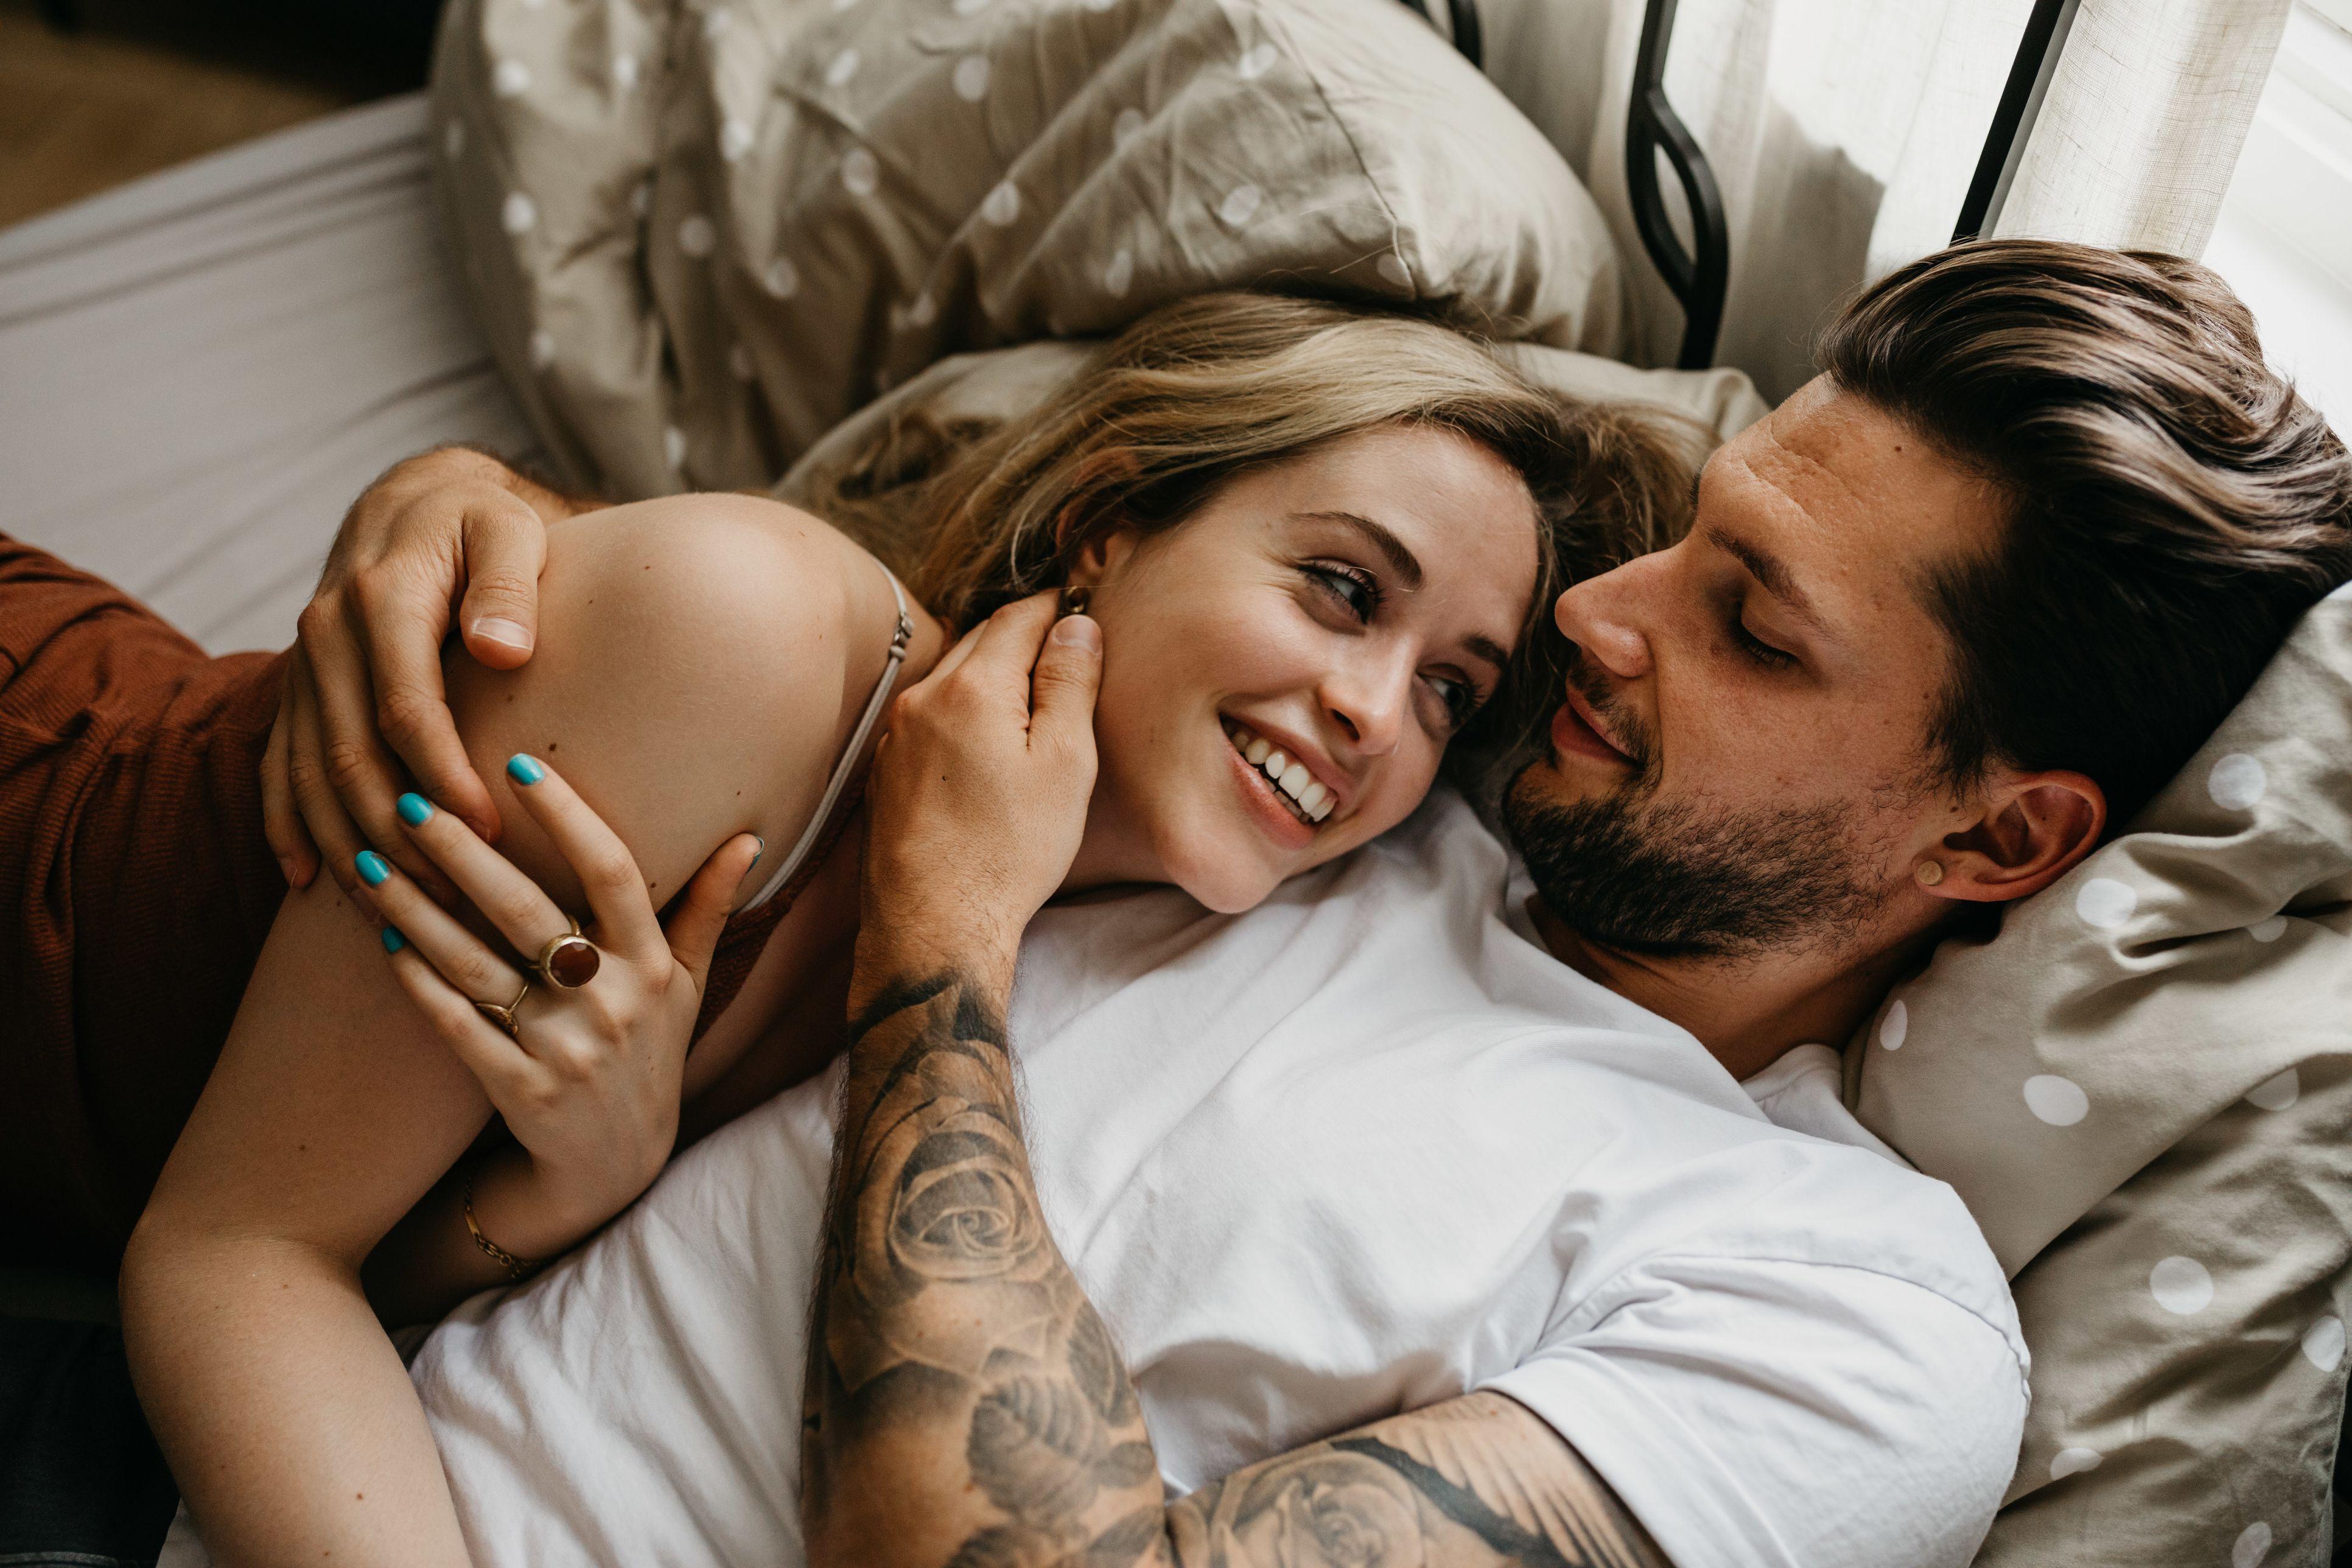 L'amore non basta? 3 domande da farsi in coppia per un rapporto felice